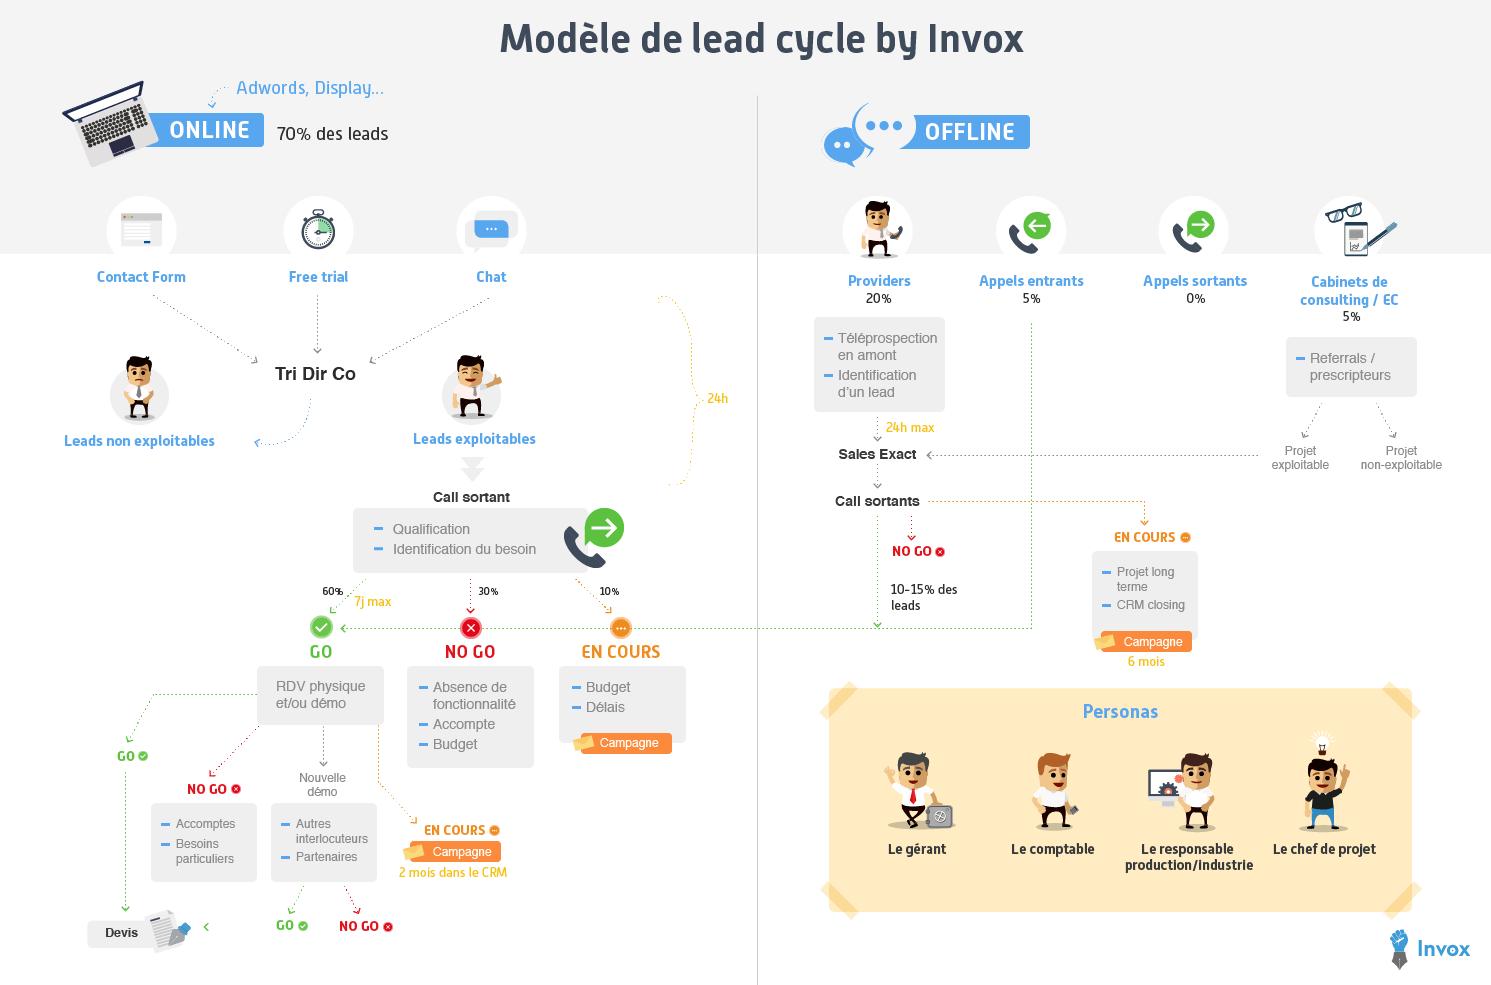 Un exemple de lead cycle avant de modéliser les campagnes de marketing automation Invox